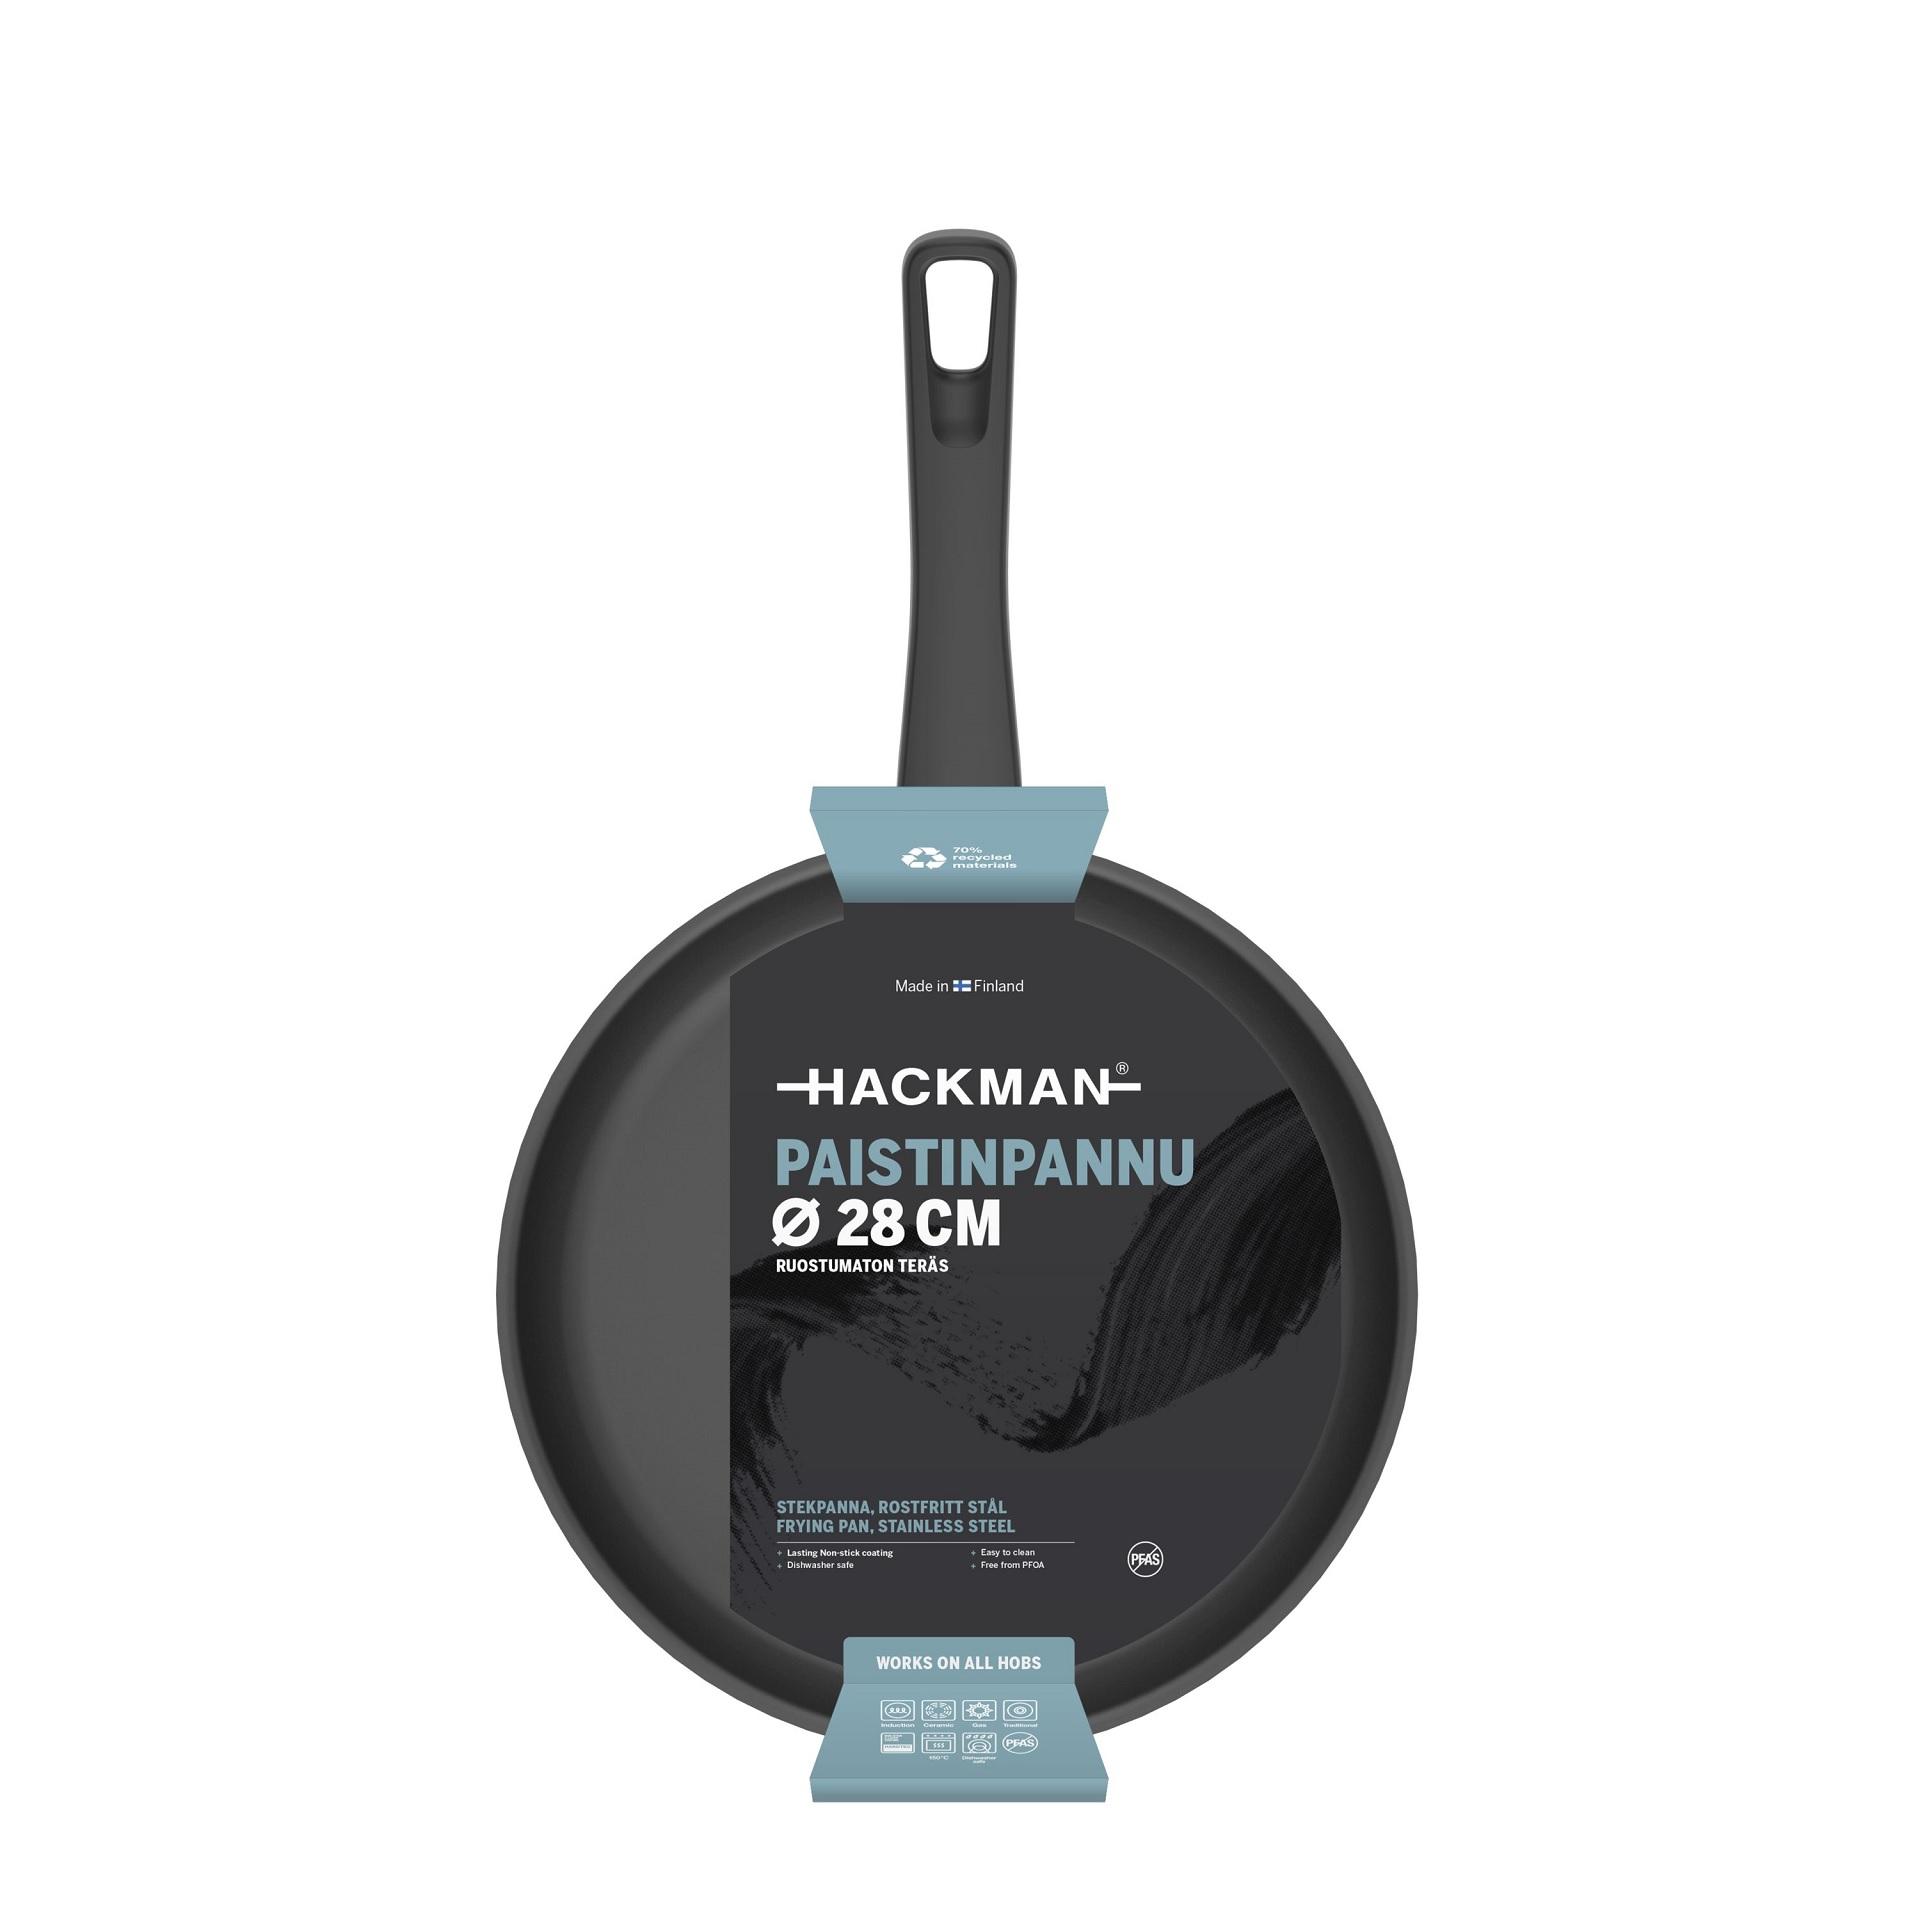 Hackman praepann 28cm